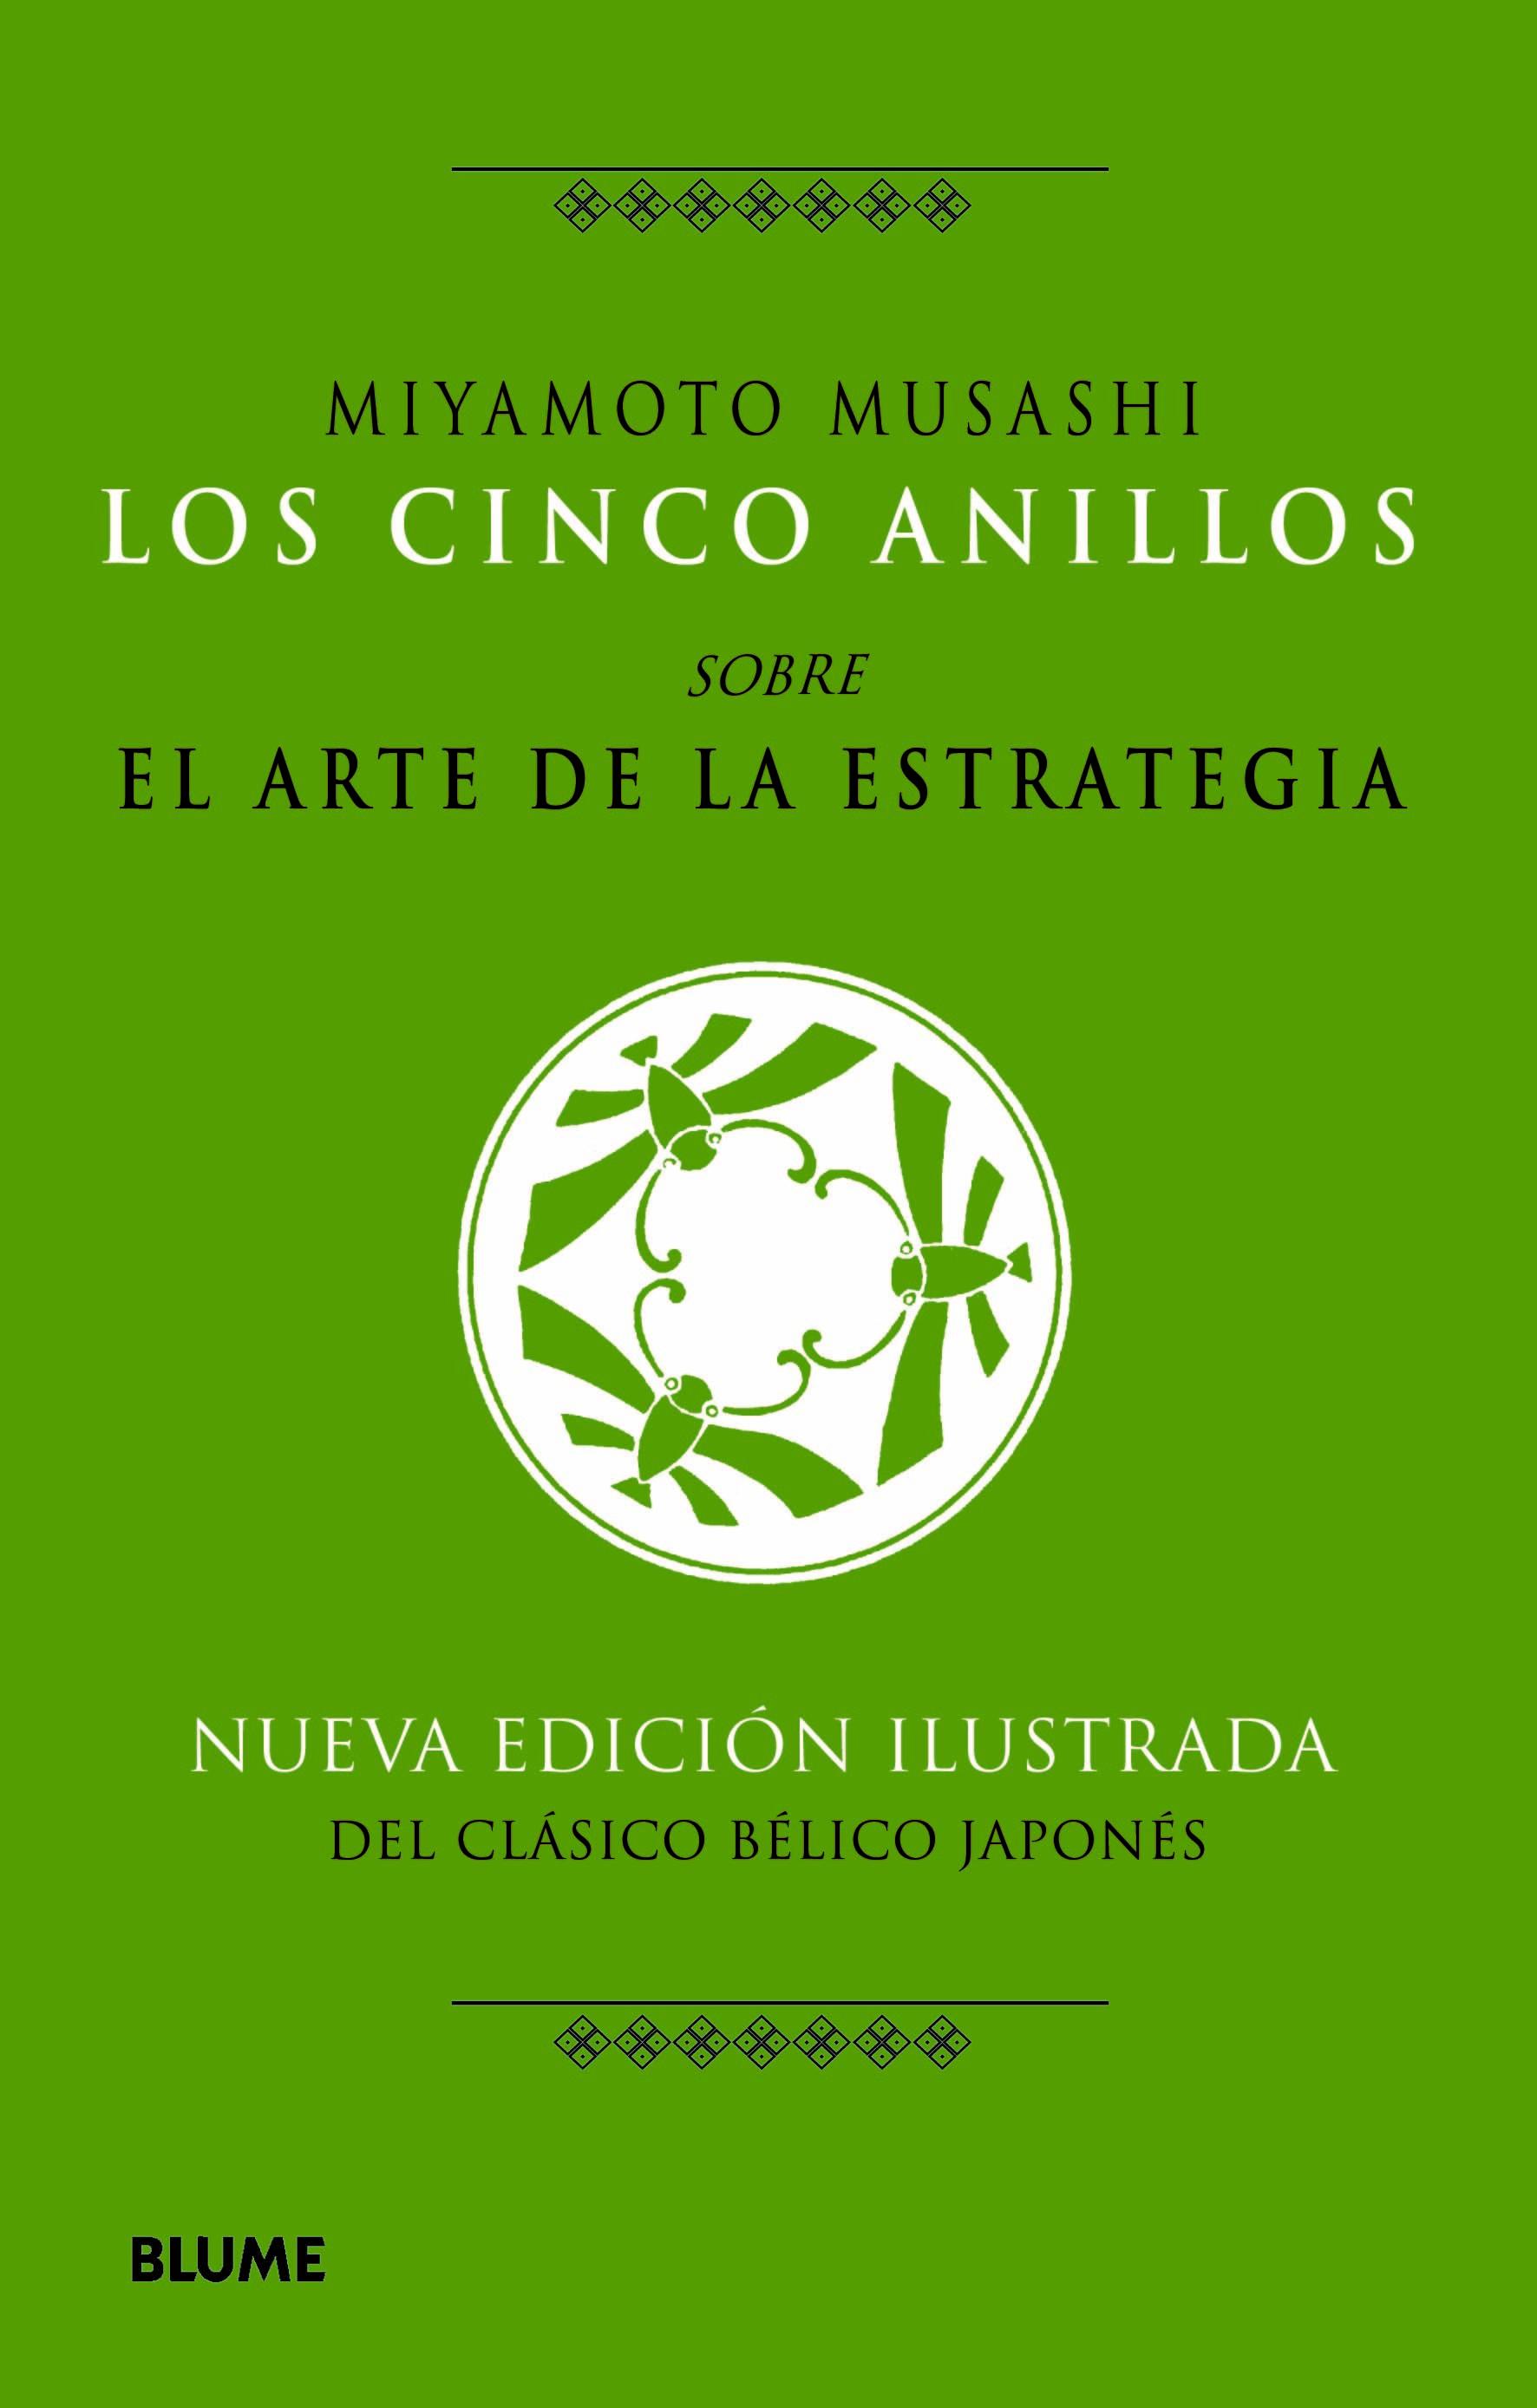 LOS CINCO ANILLOS, SOBRE EL ARTE DE LA ESTRATEGIA